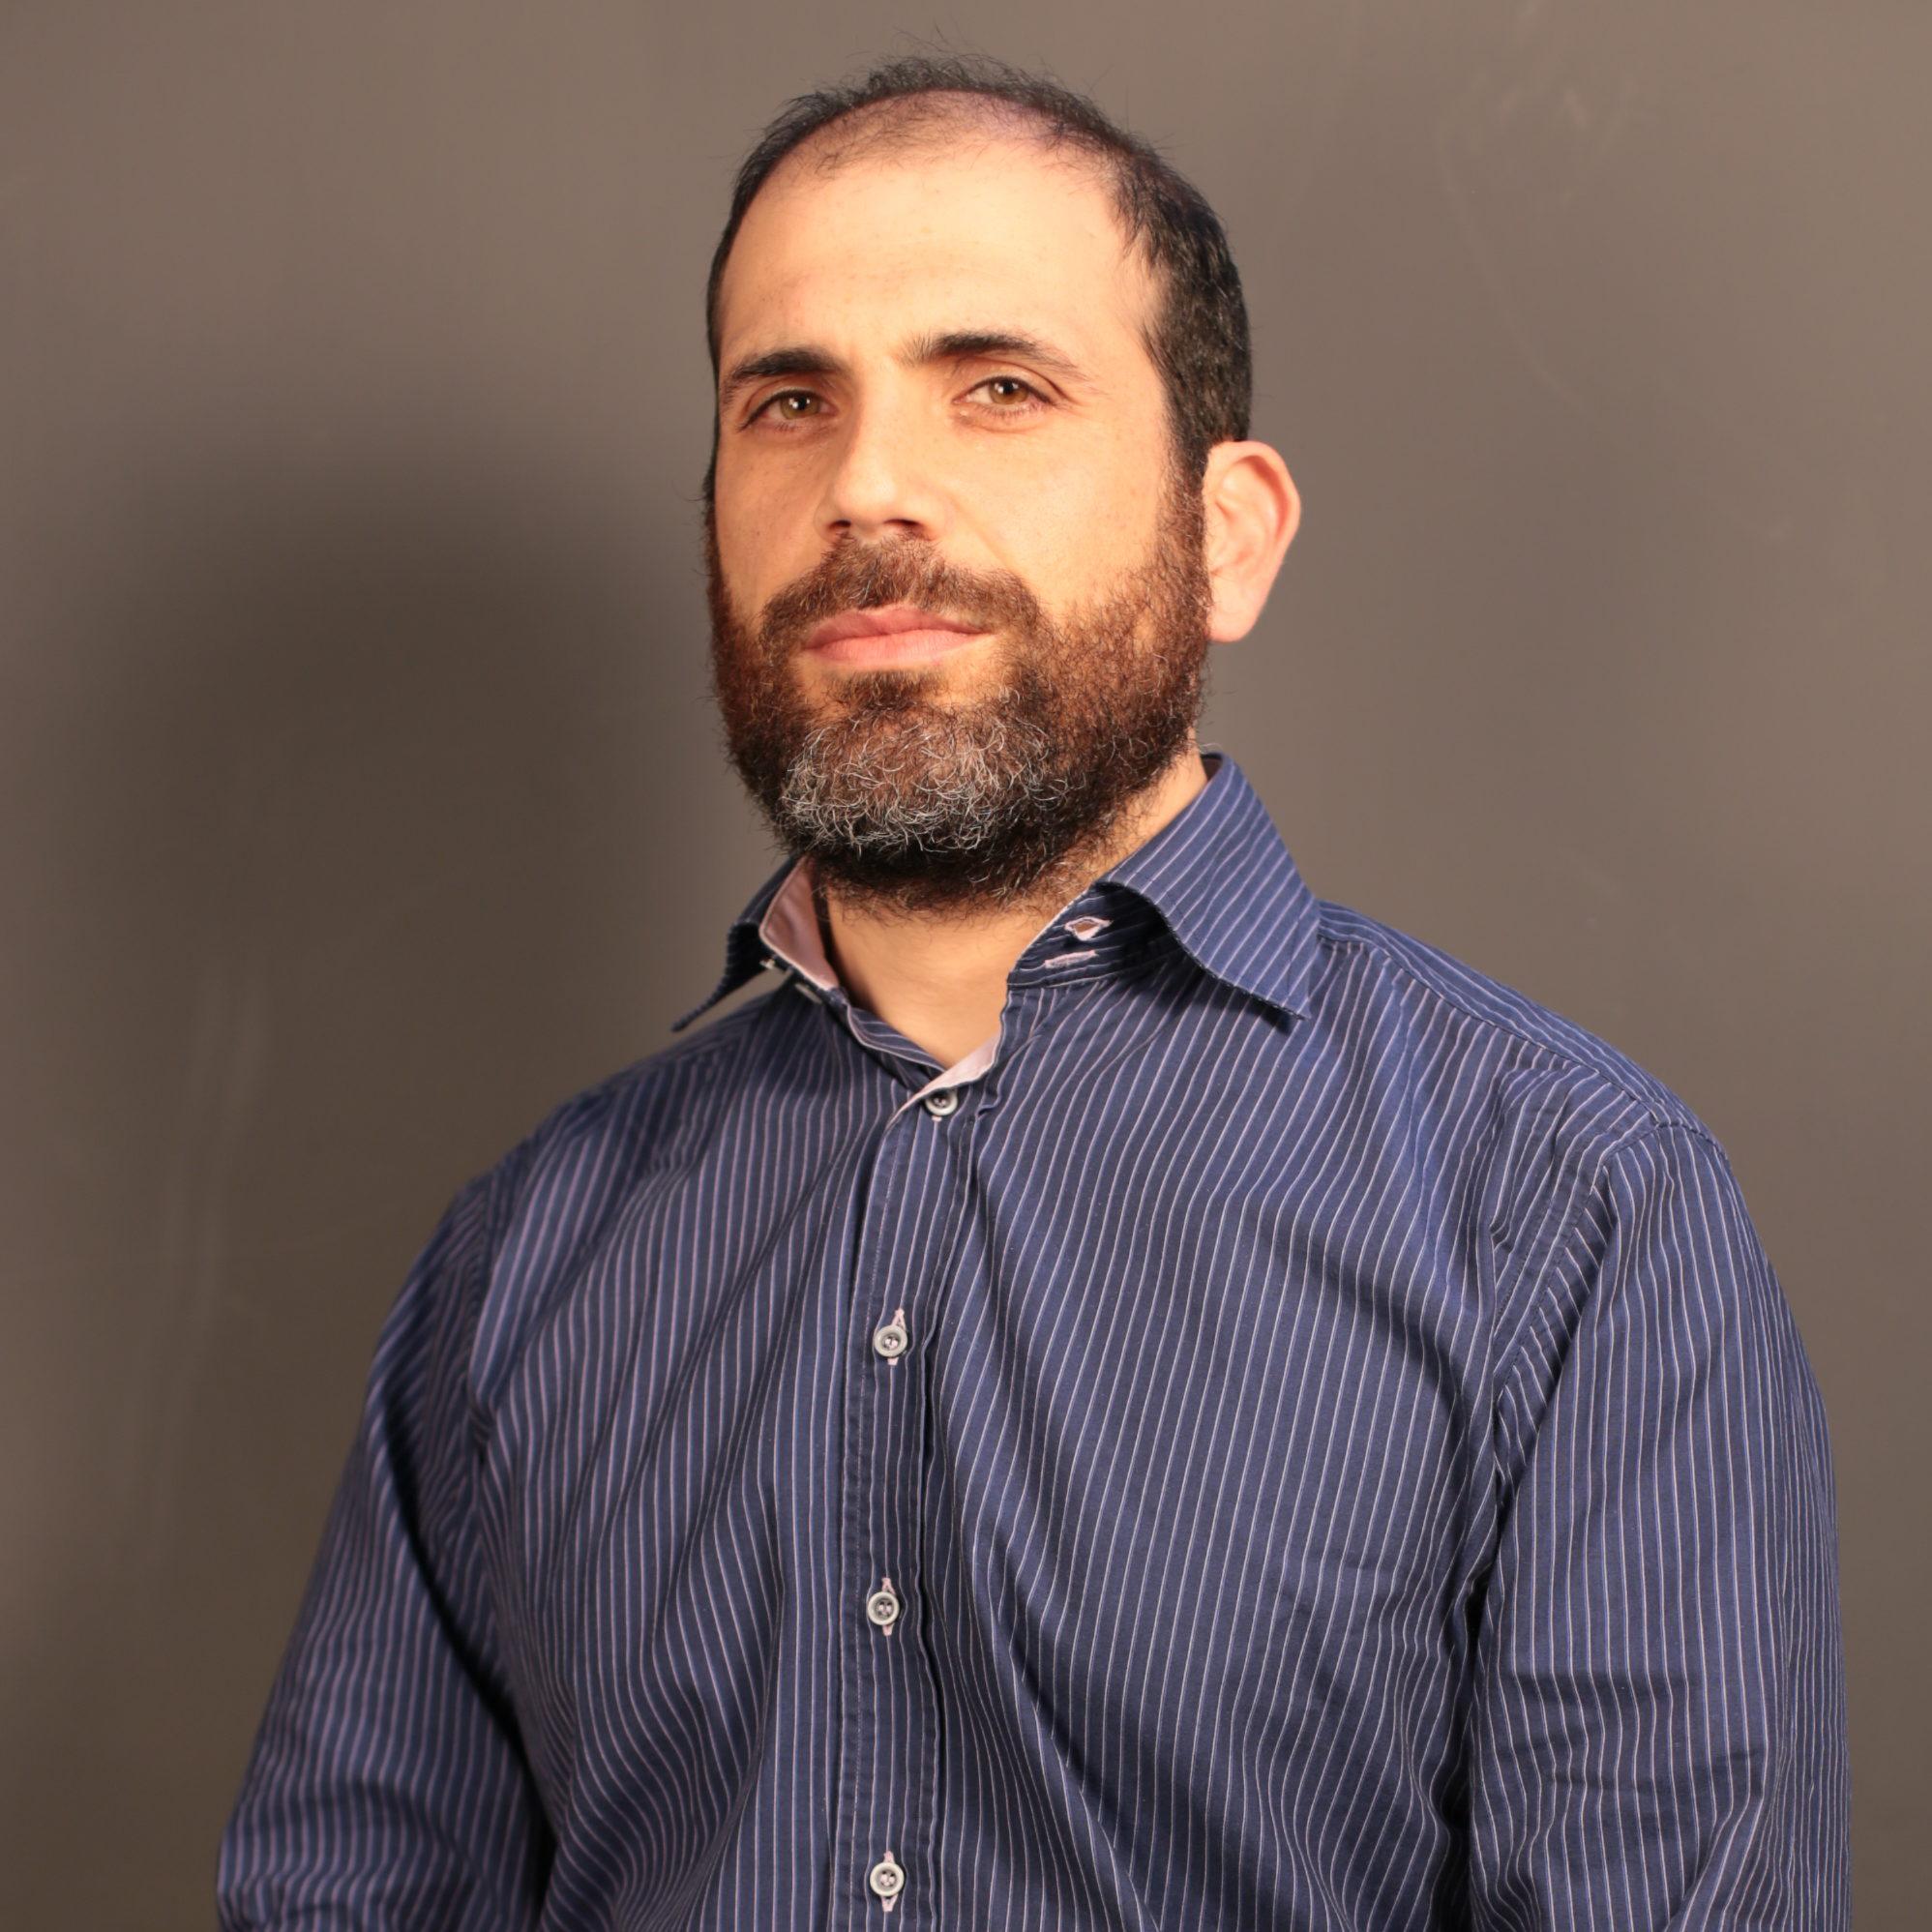 Michele Calvano